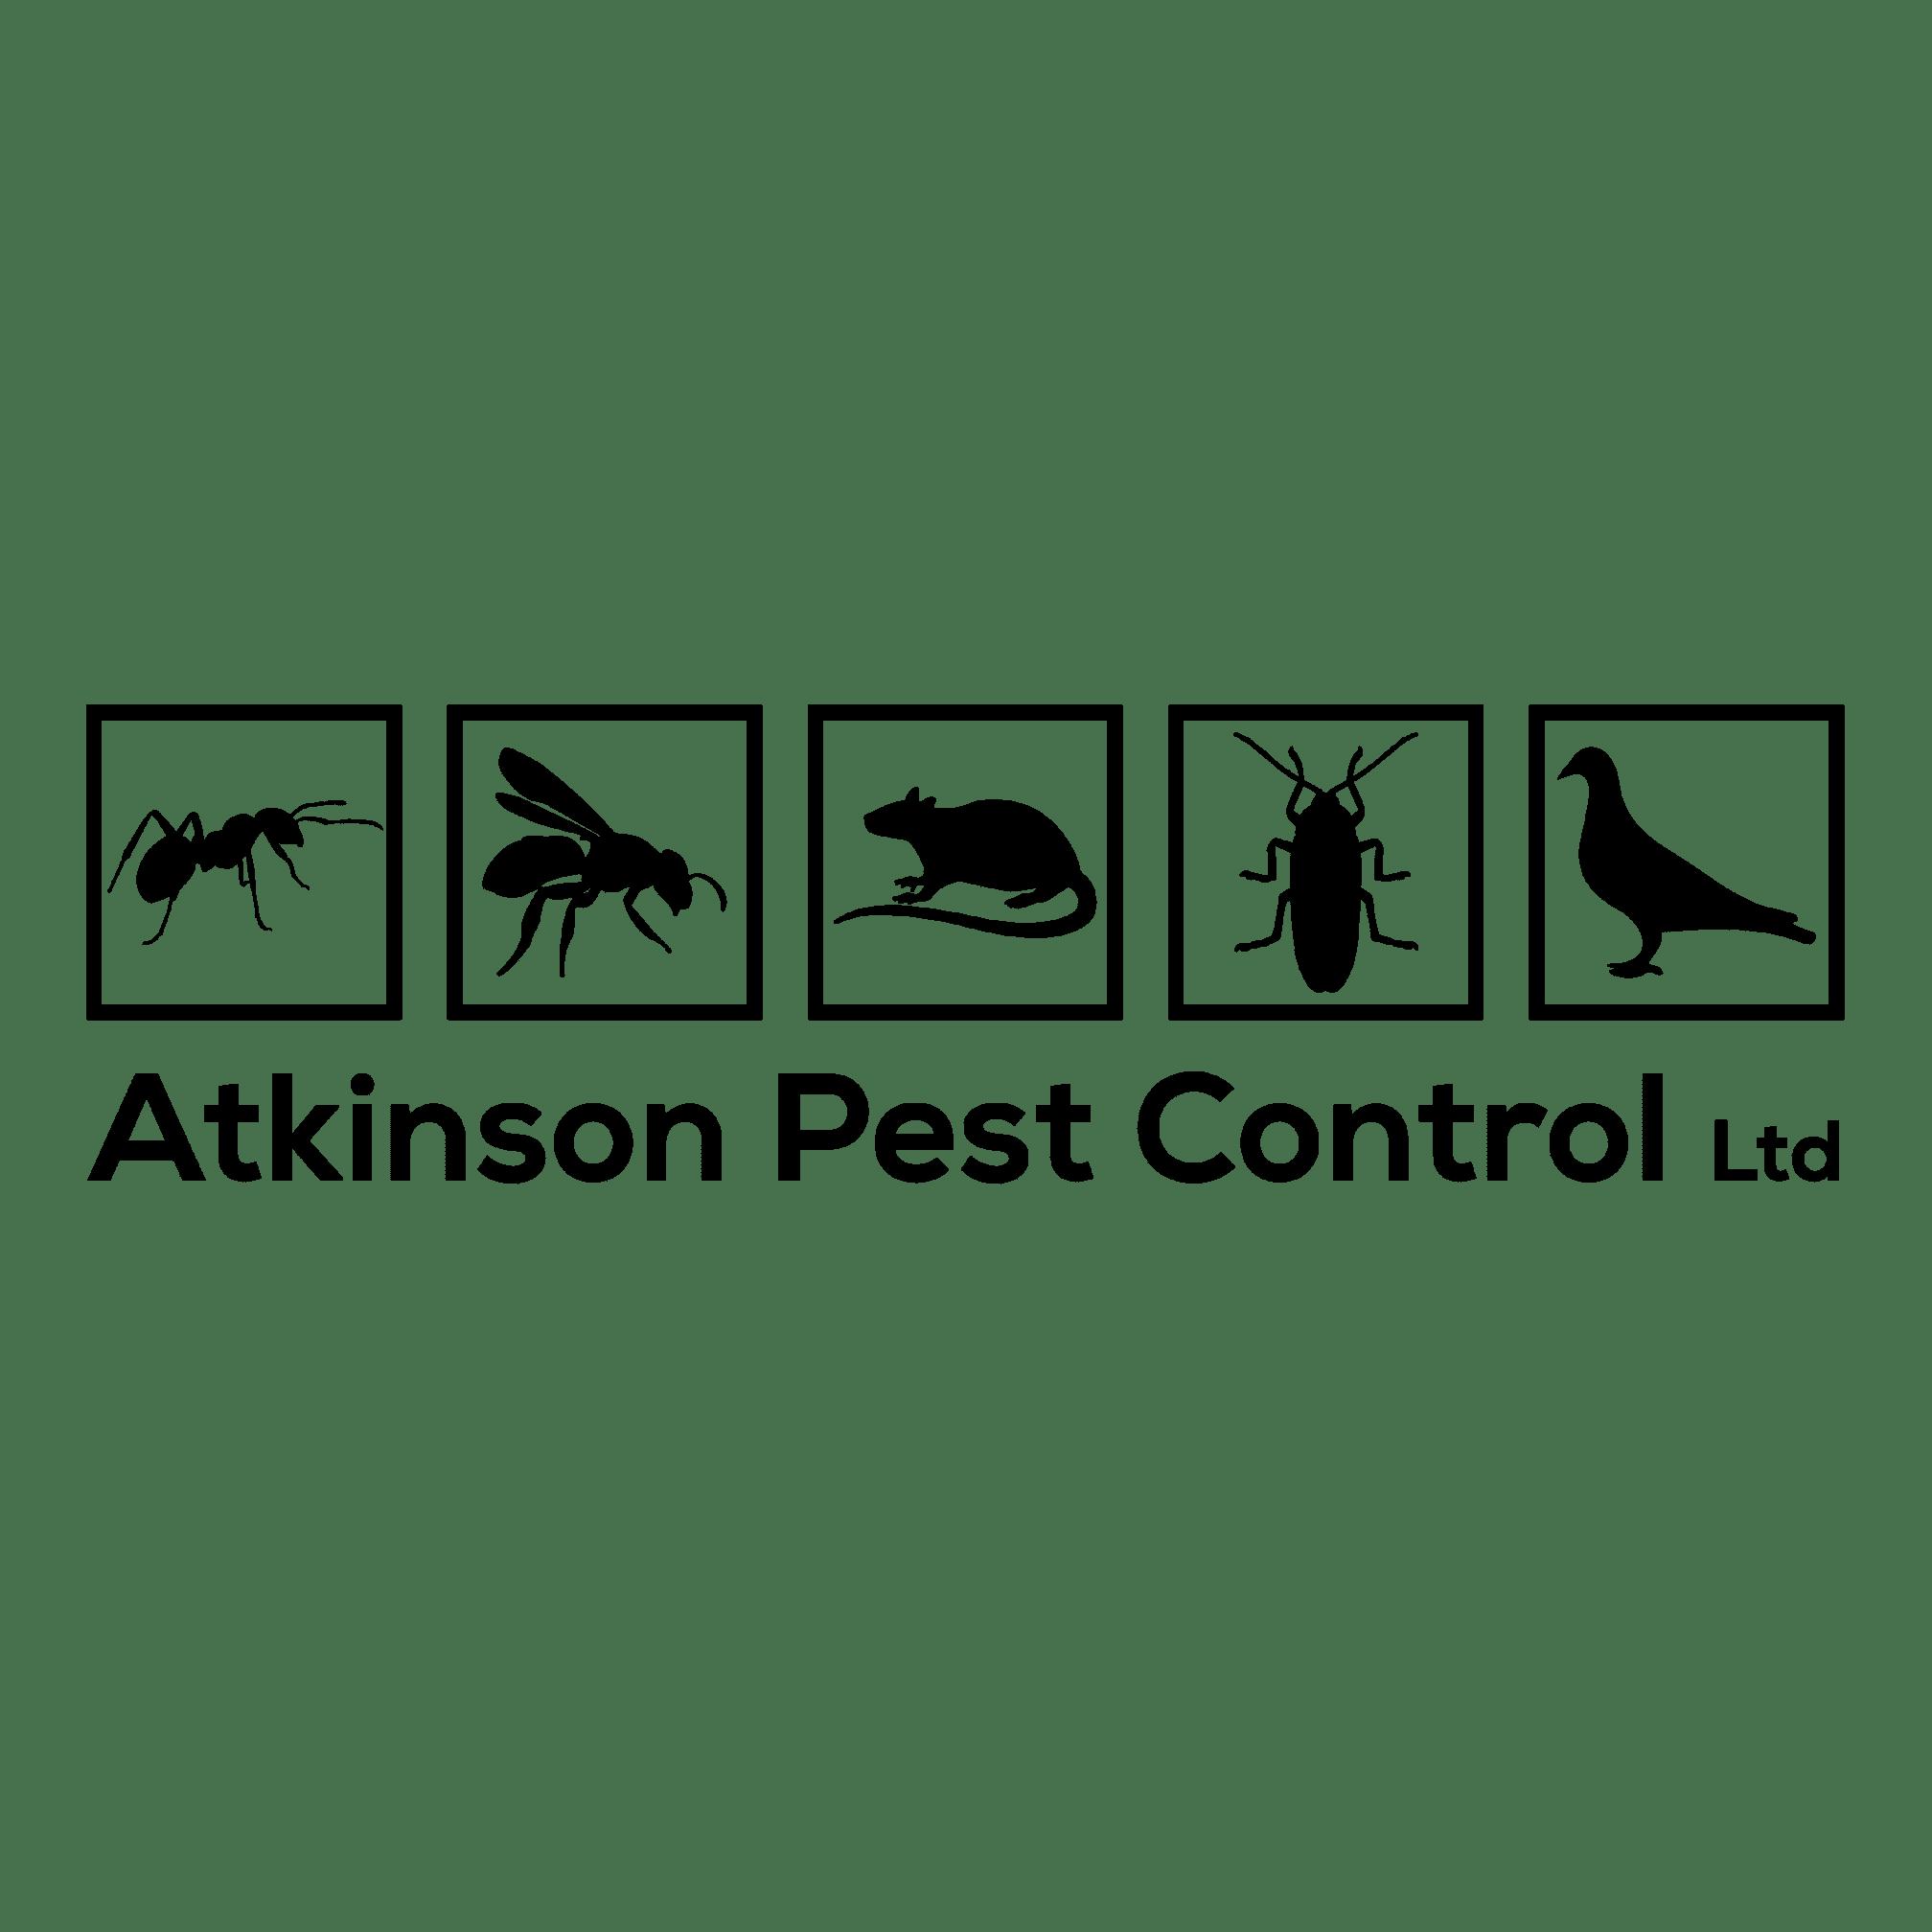 Atkinson Pest Control Ltd - Penrith, Cumbria CA11 7JD - 07984 404852   ShowMeLocal.com